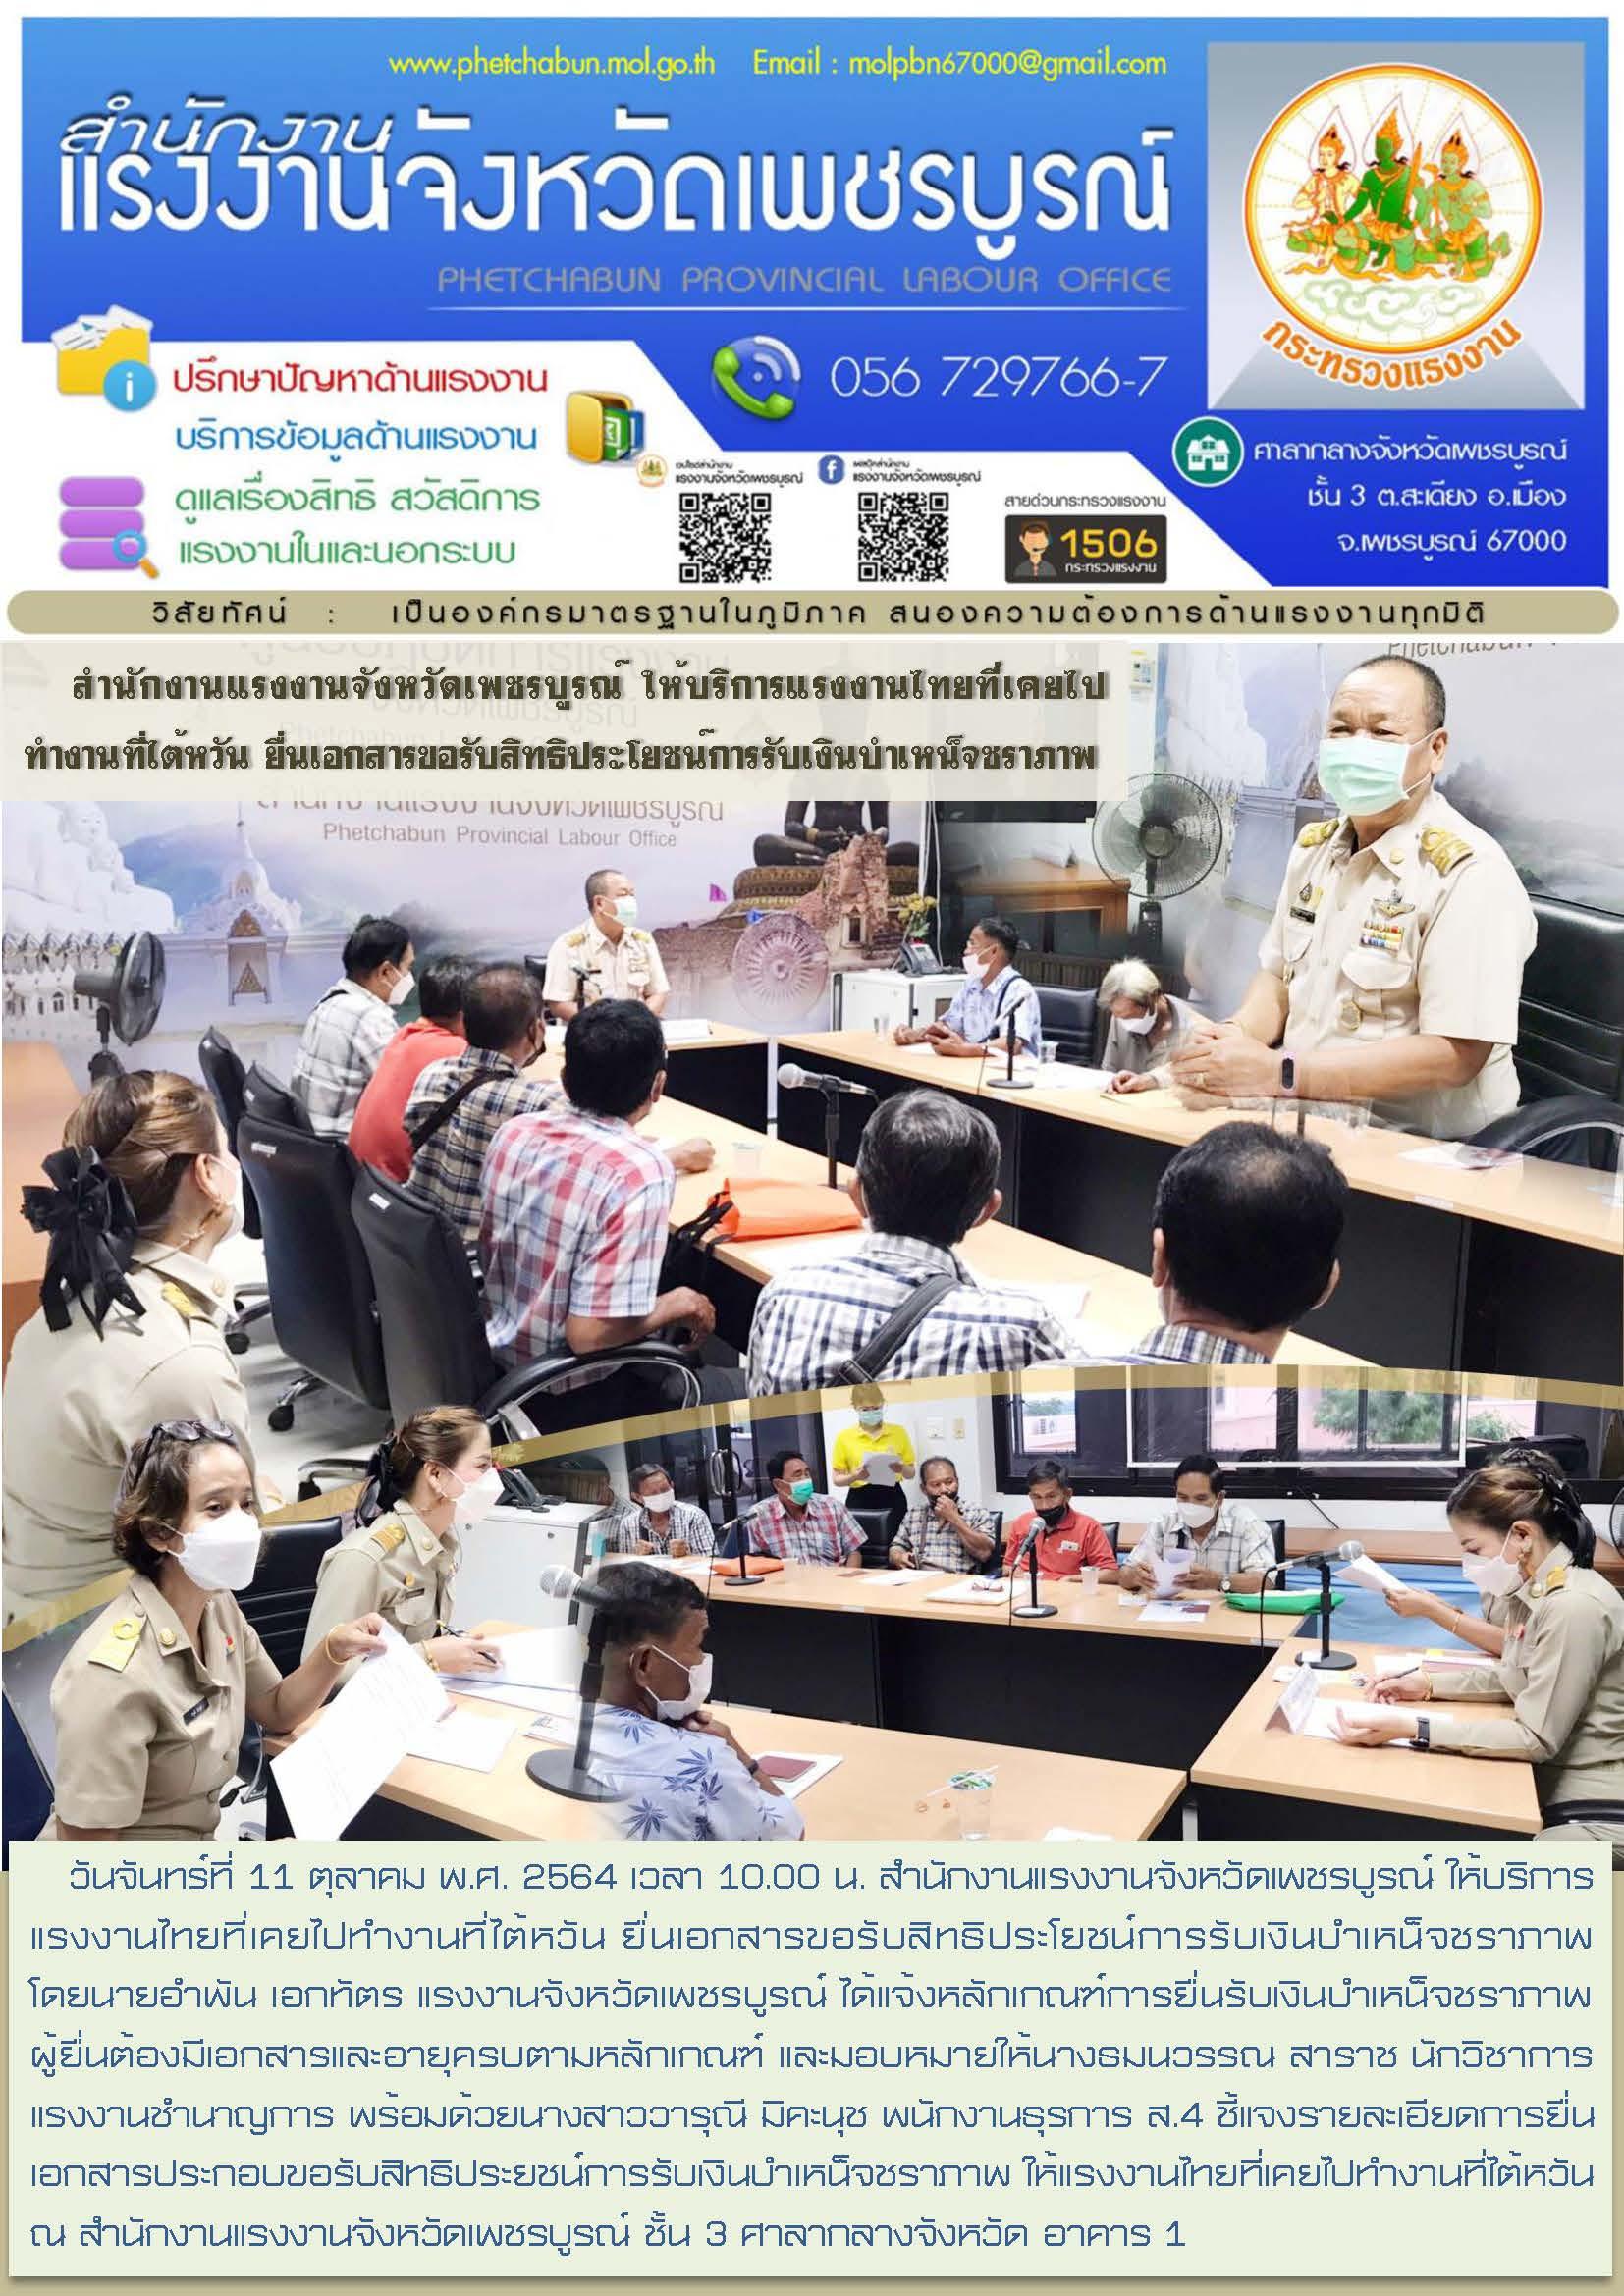 สำนักงานแรงงานจังหวัดเพชรบูรณ์ ให้บริการแรงงานไทยที่เคยไปทำงานที่ไต้หวัน ยื่นเอกสารขอรับสิทธิประโยชน์การรับเงินบำเหน็จชราภาพ